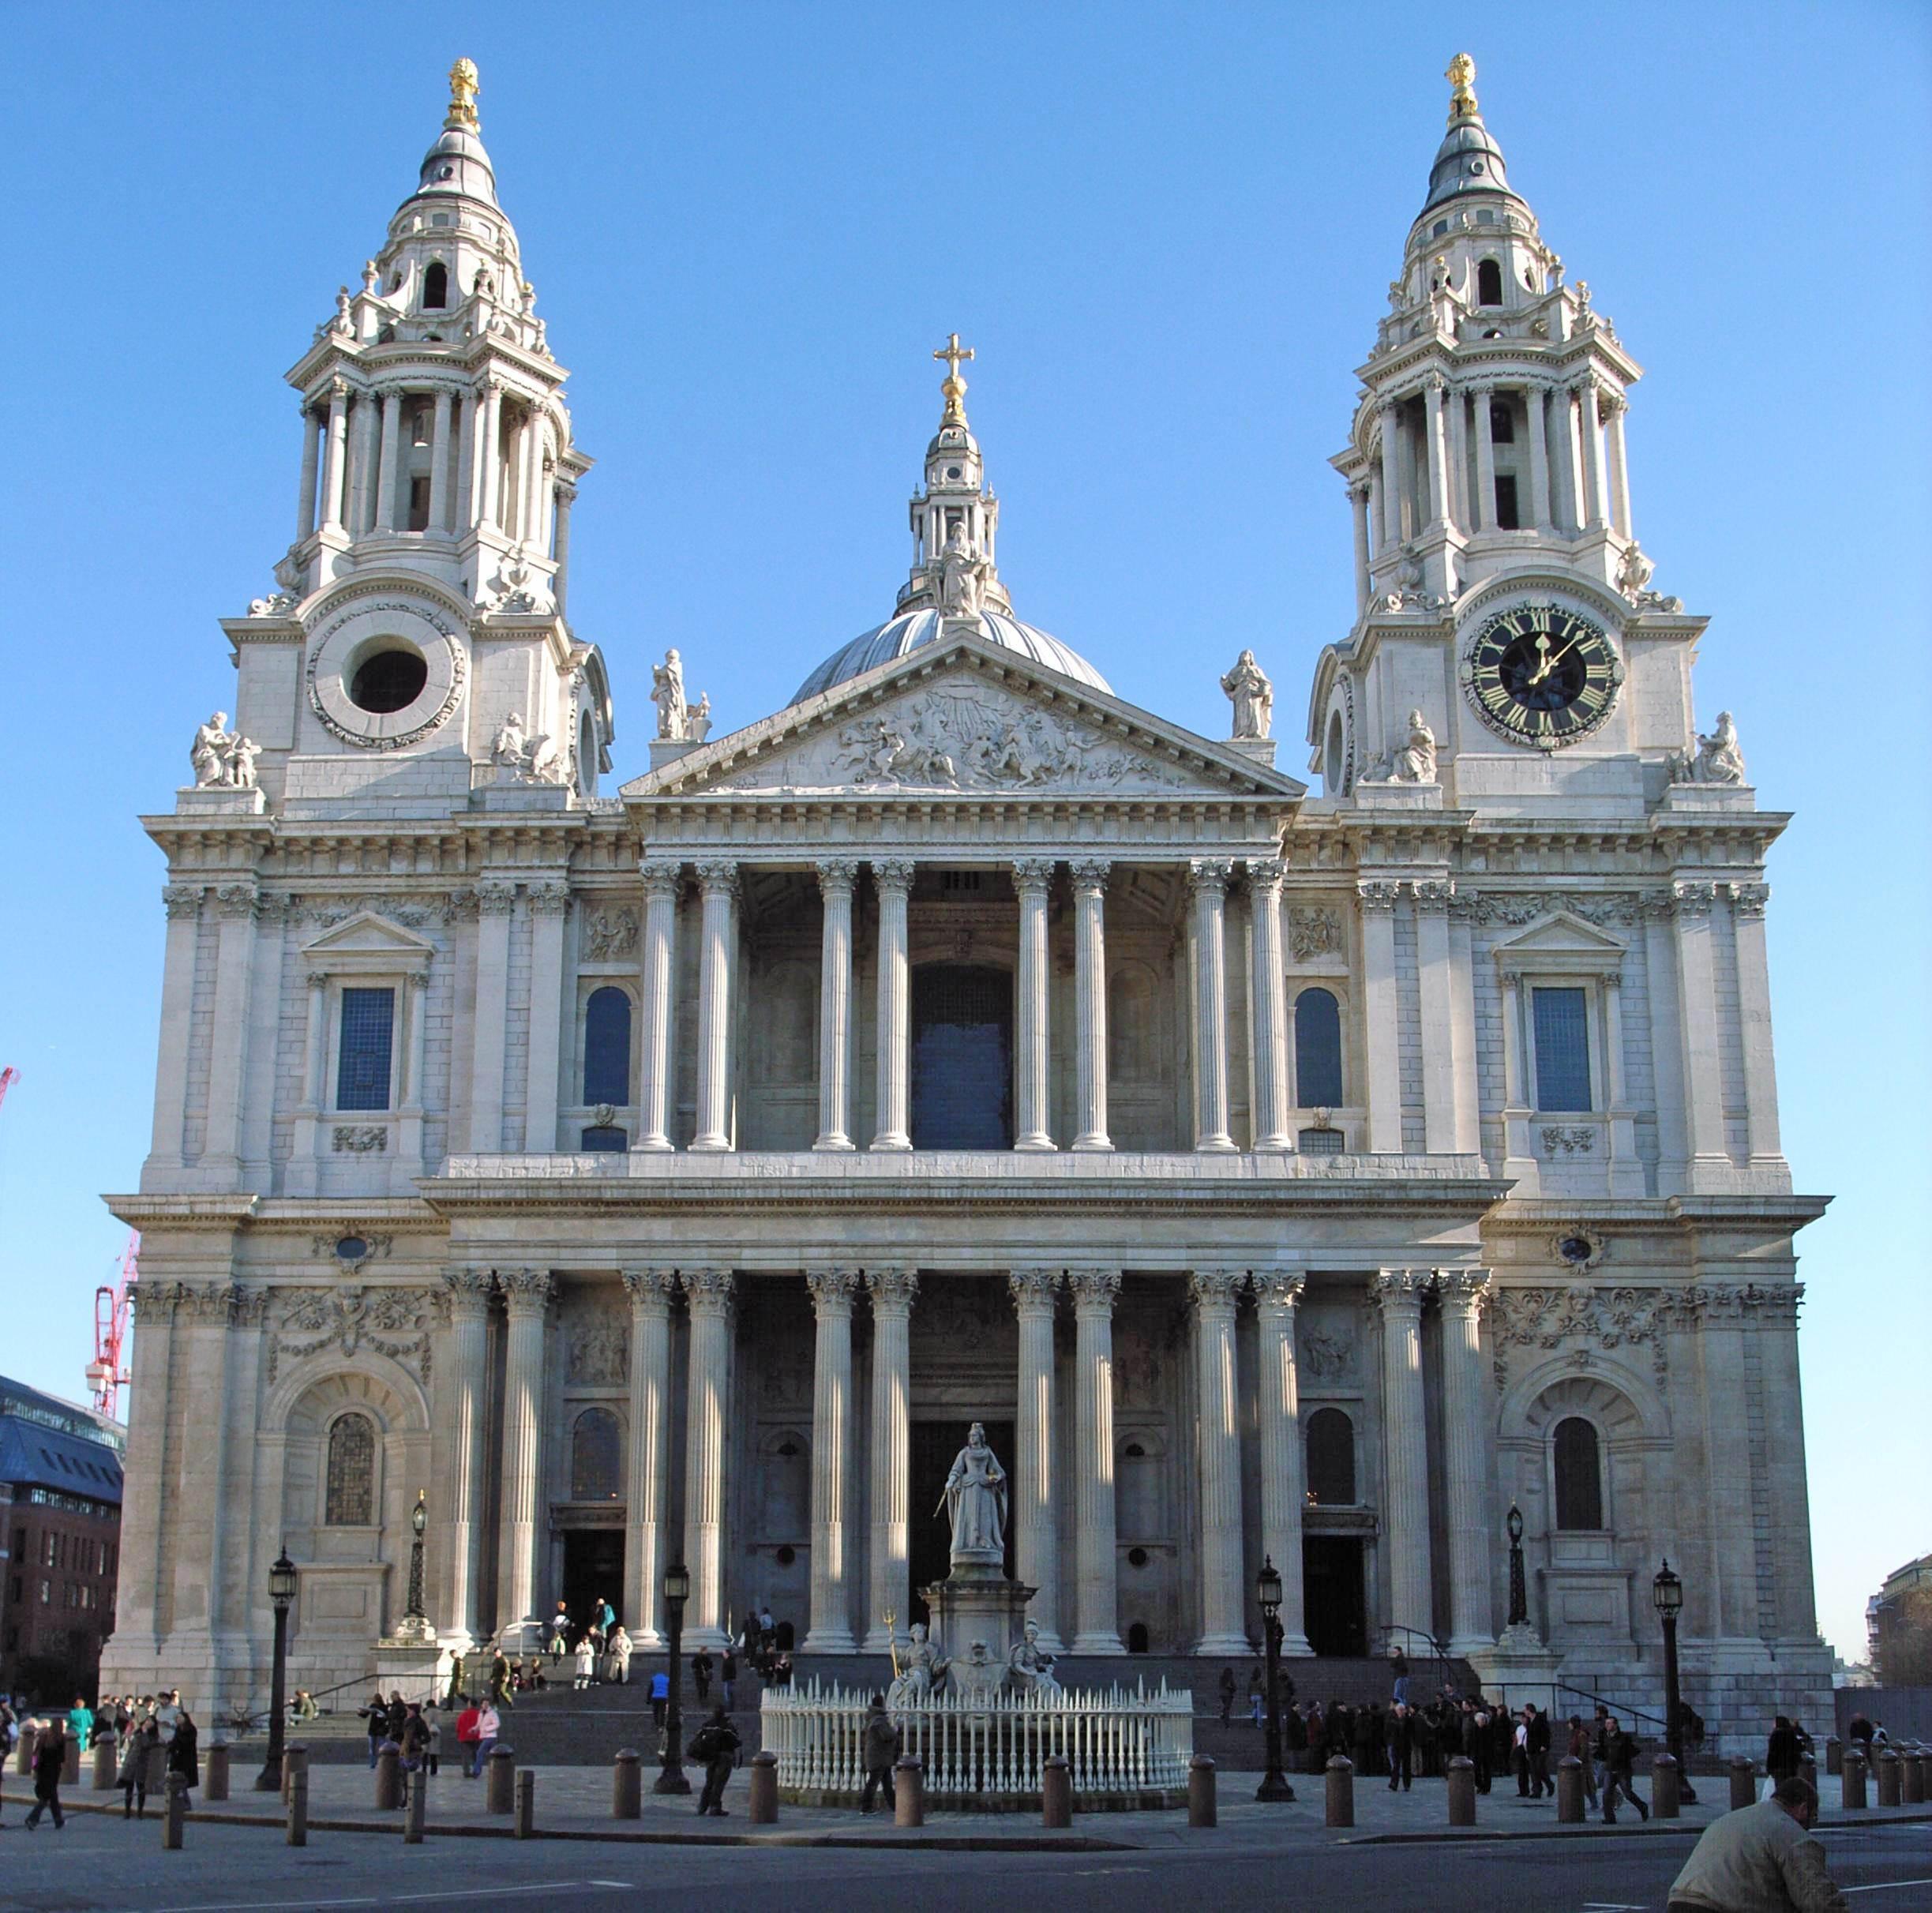 Zachodnia fasada - katedra Św. Pawła